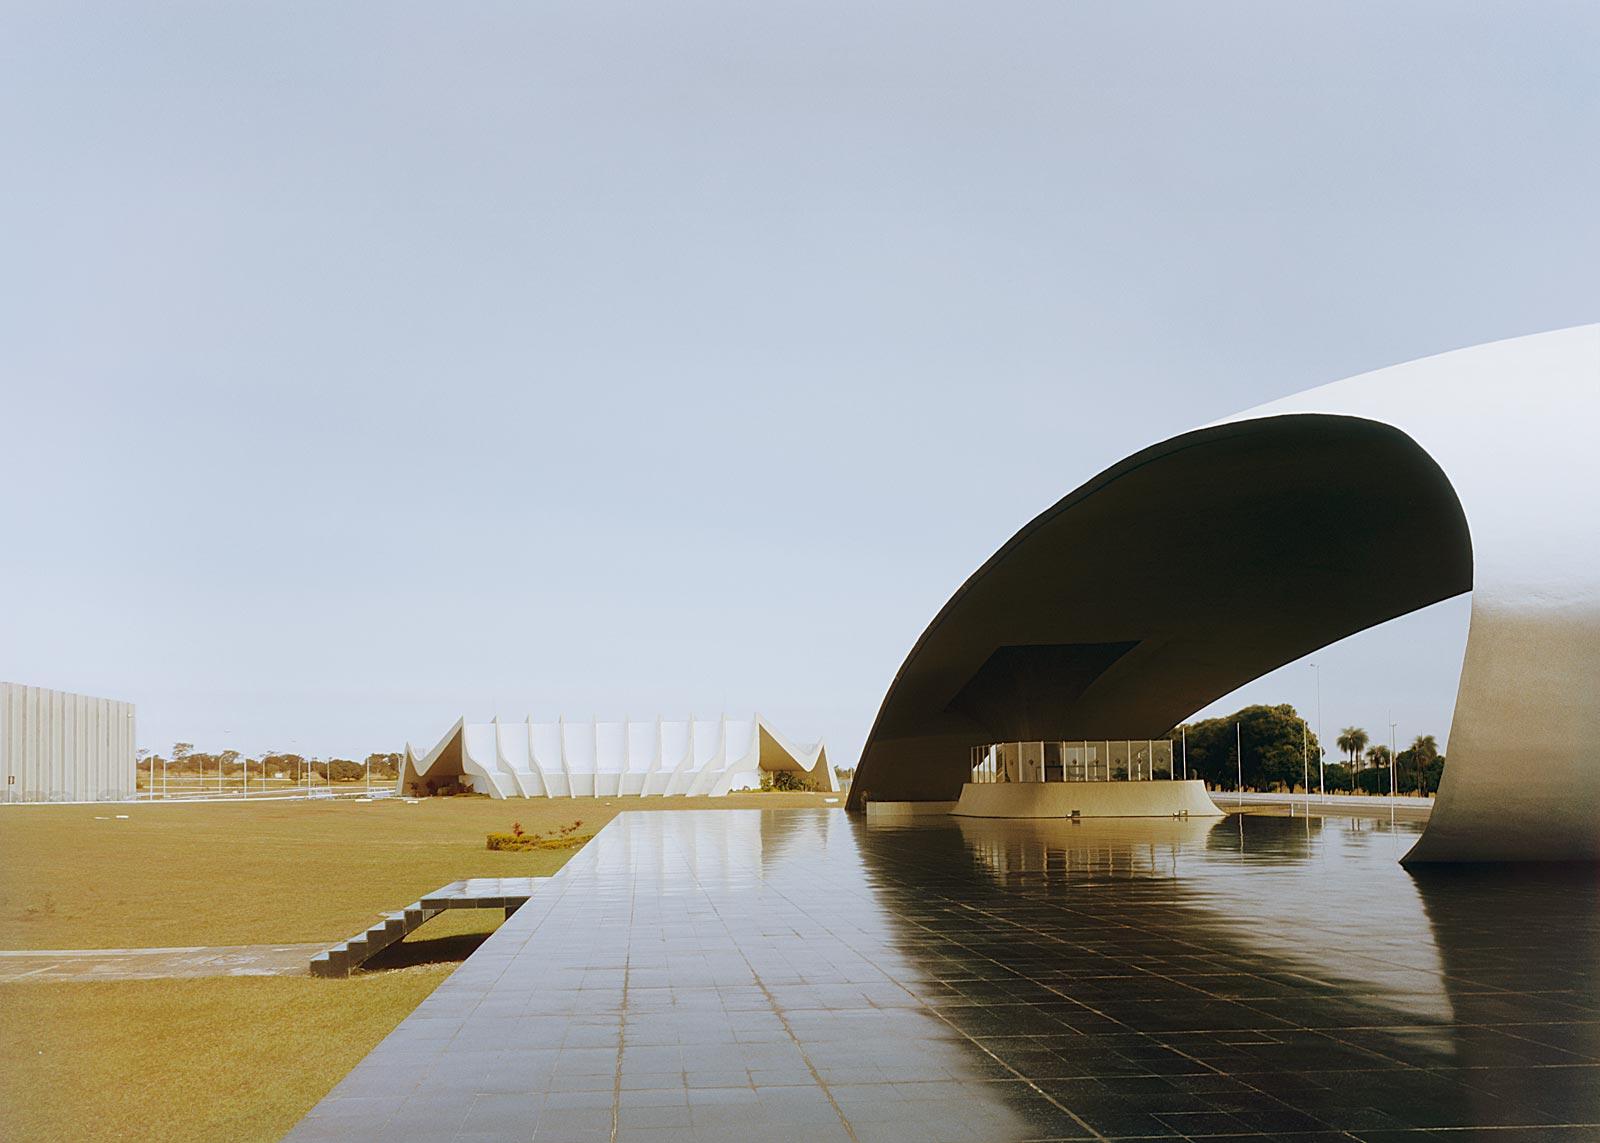 Ministério da Defesa, Brasilia